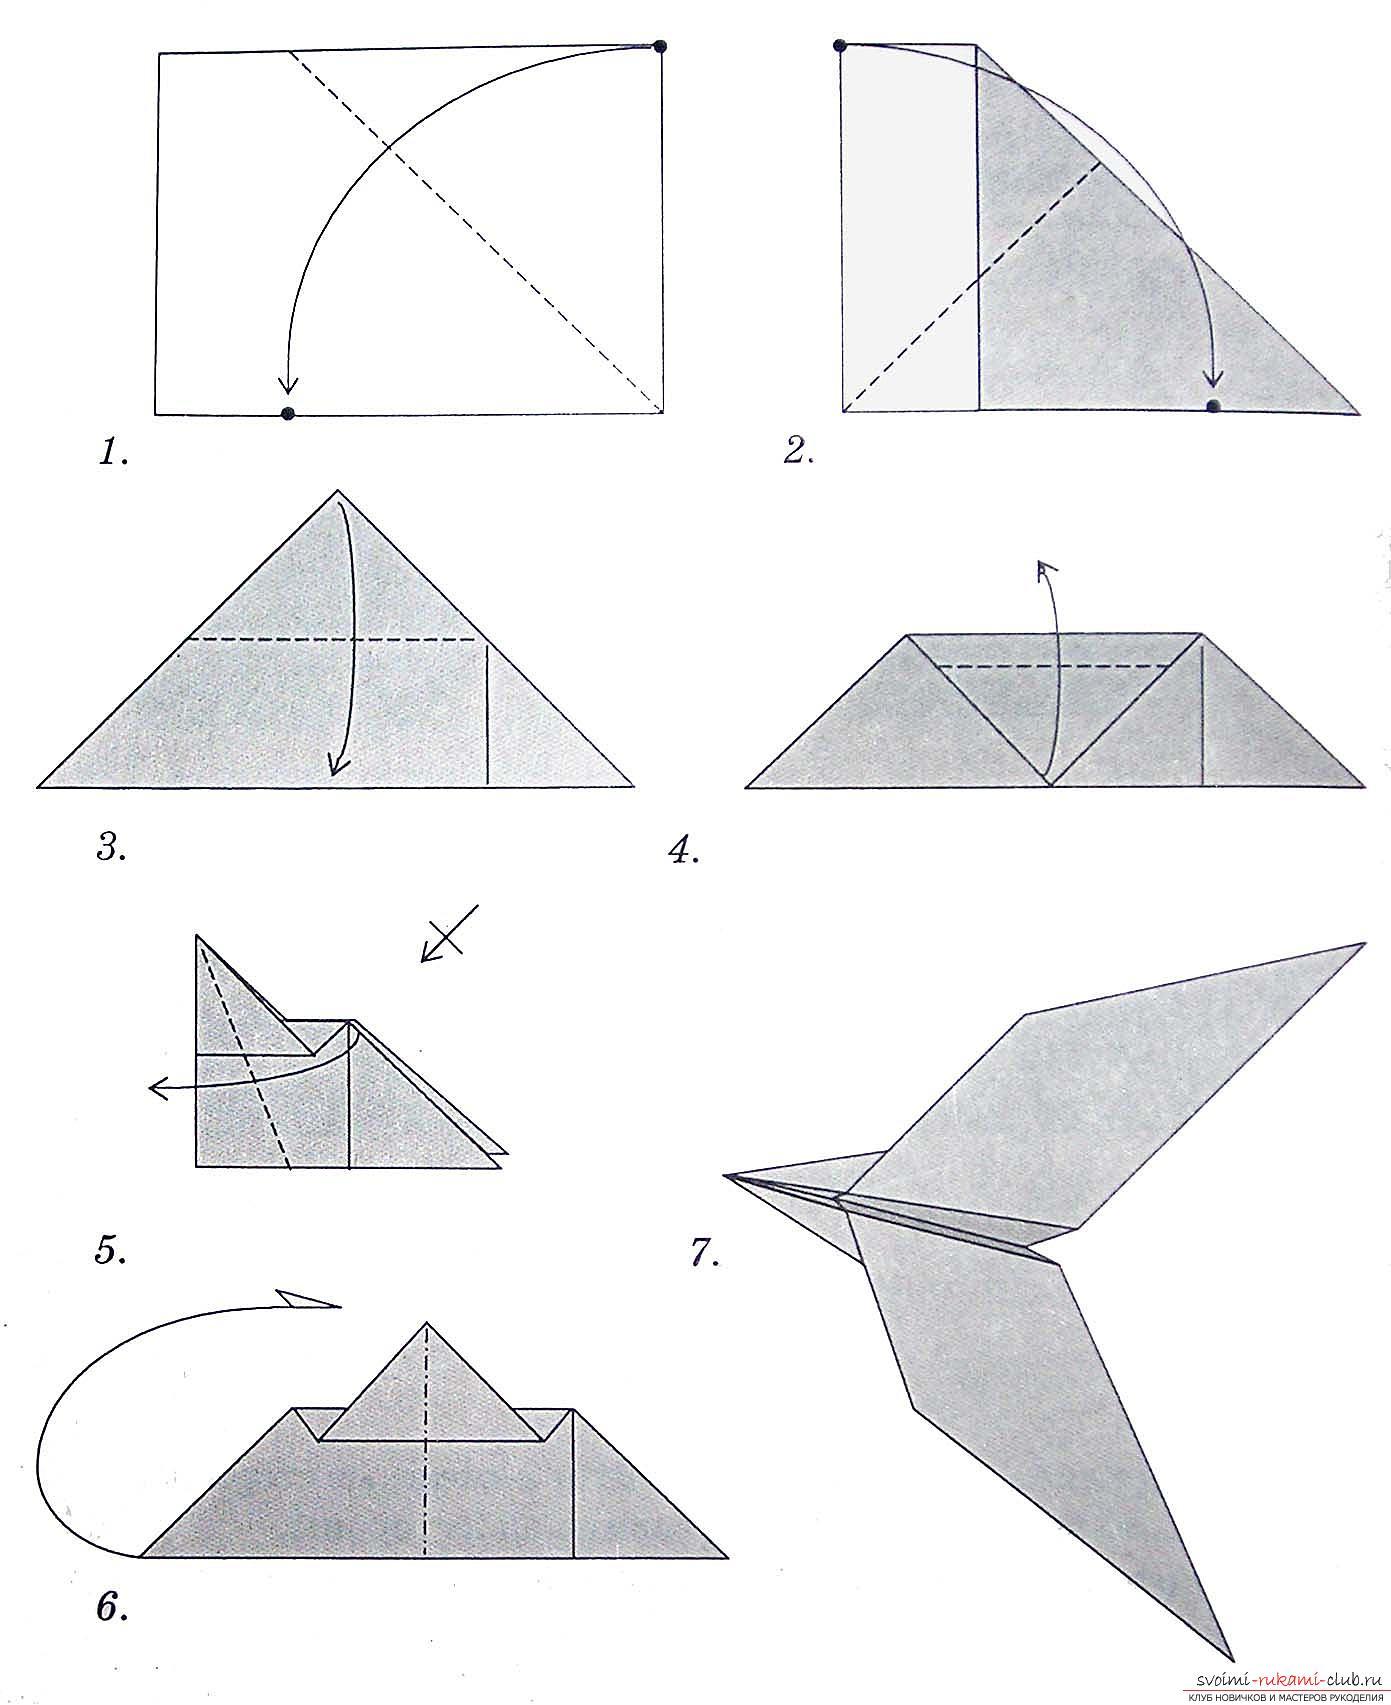 Самолеты оригами из бумаги своими руками видео